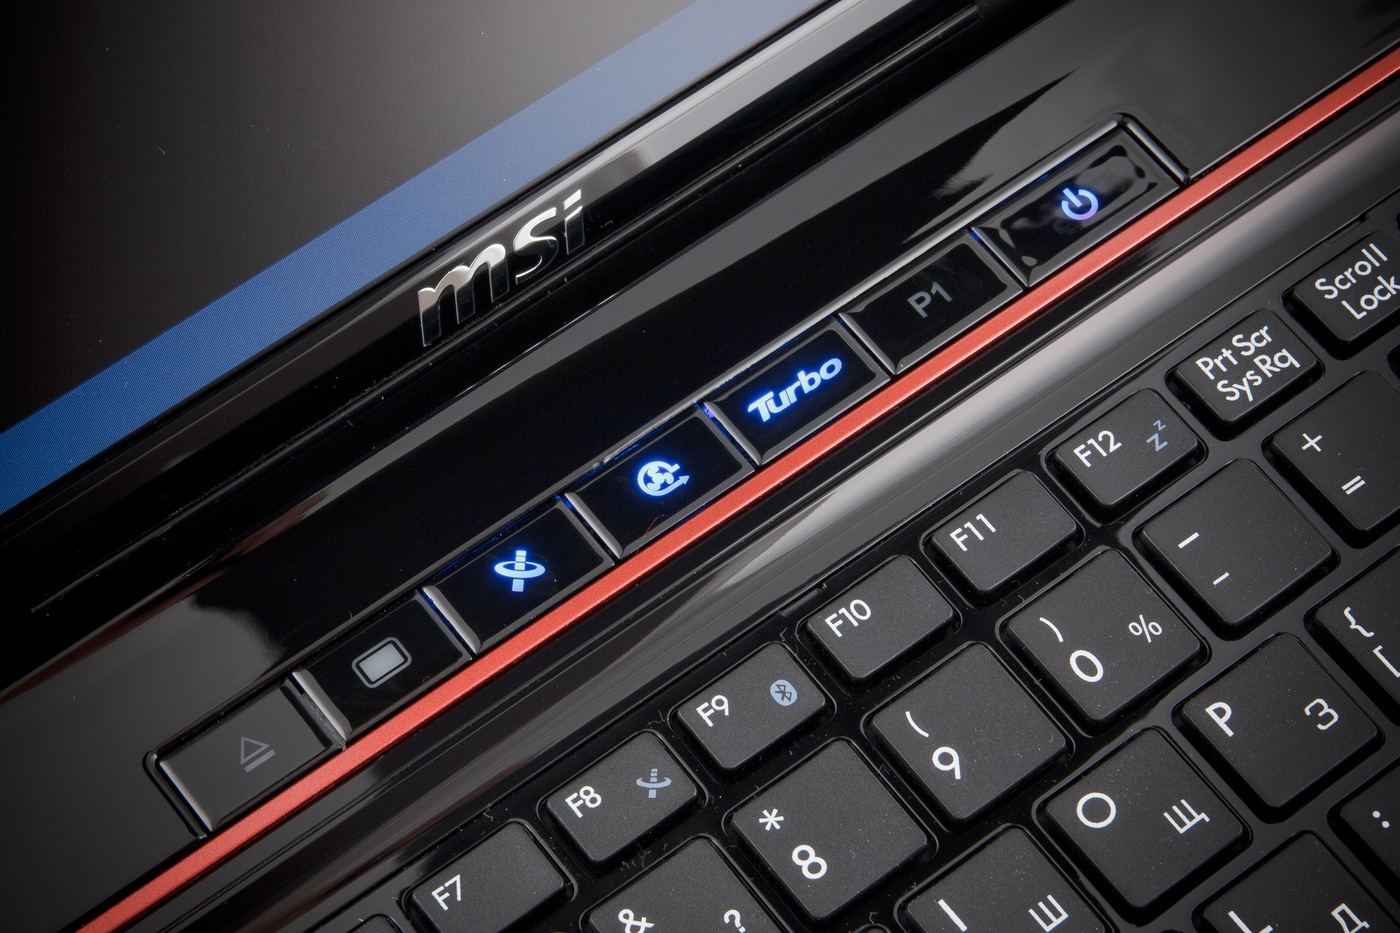 скачать драйверы web камеры на ноутбук msi